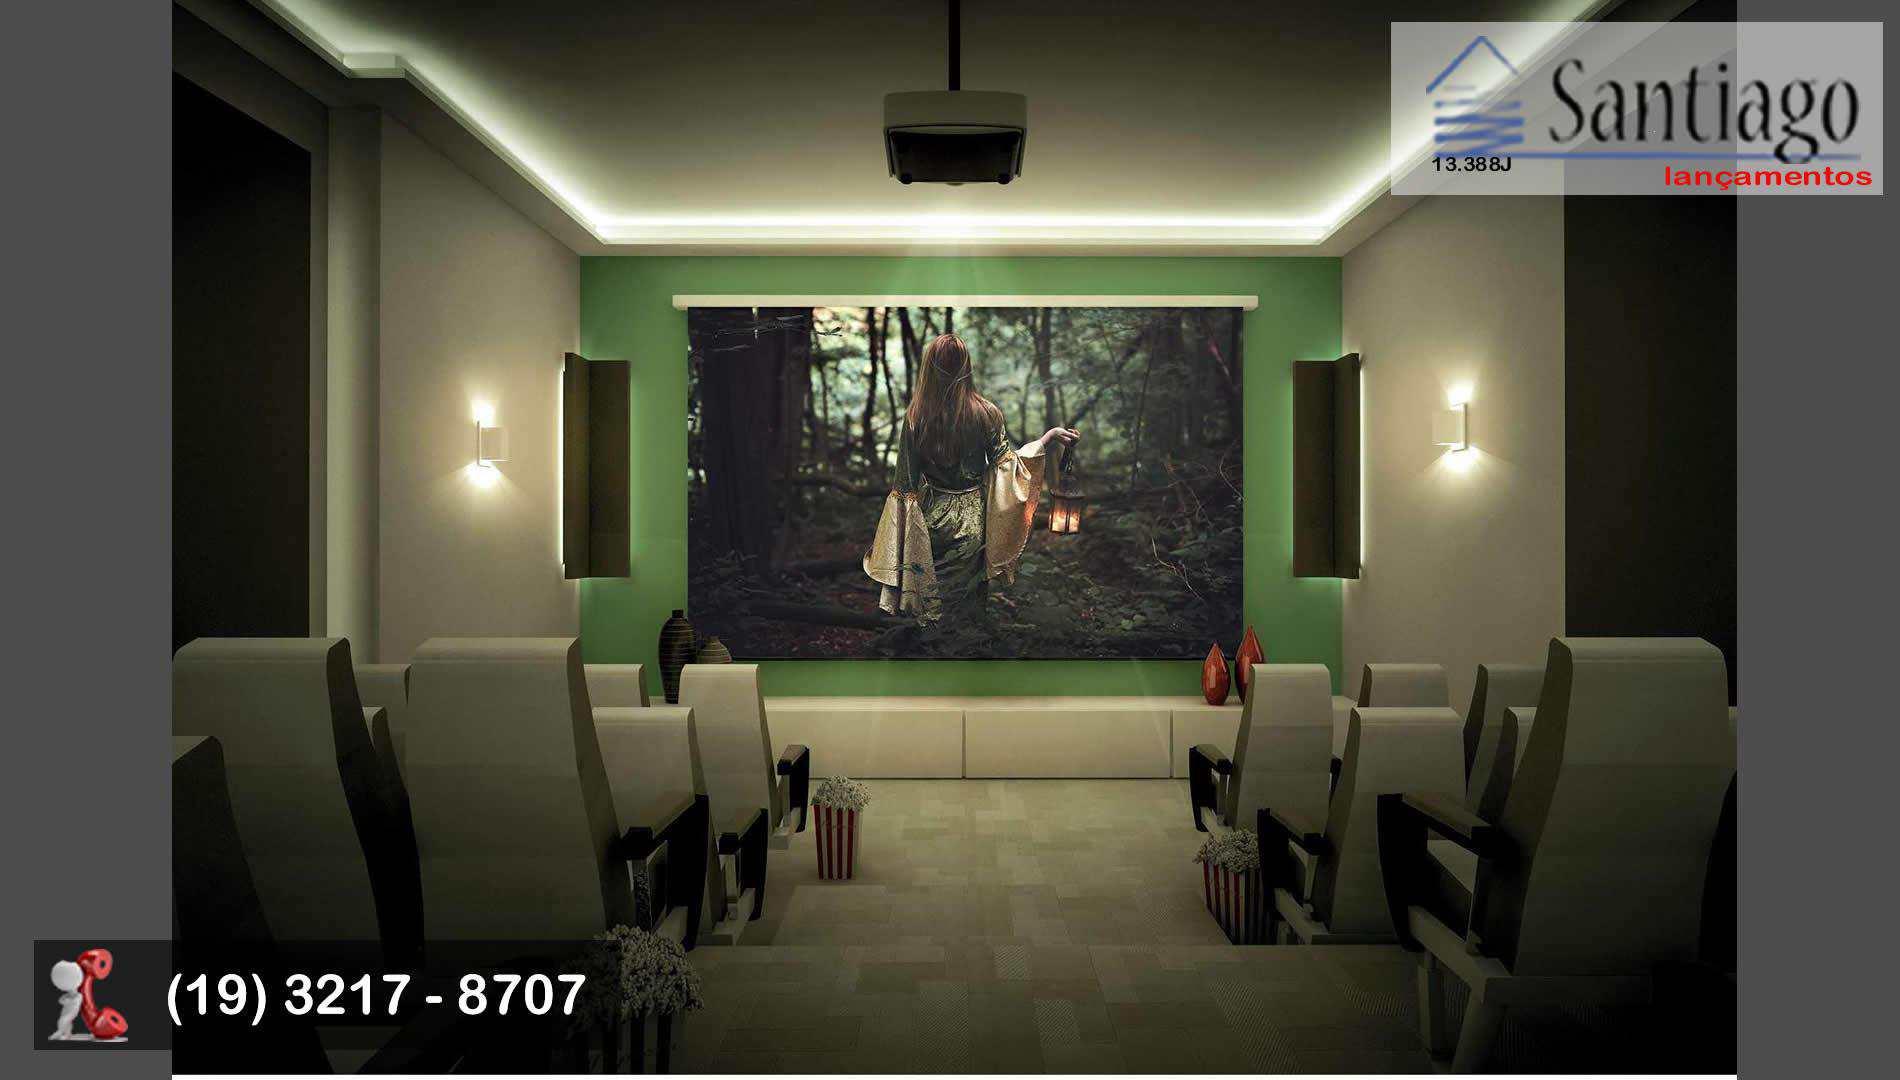 Eco Vila Sumaré - Cinema